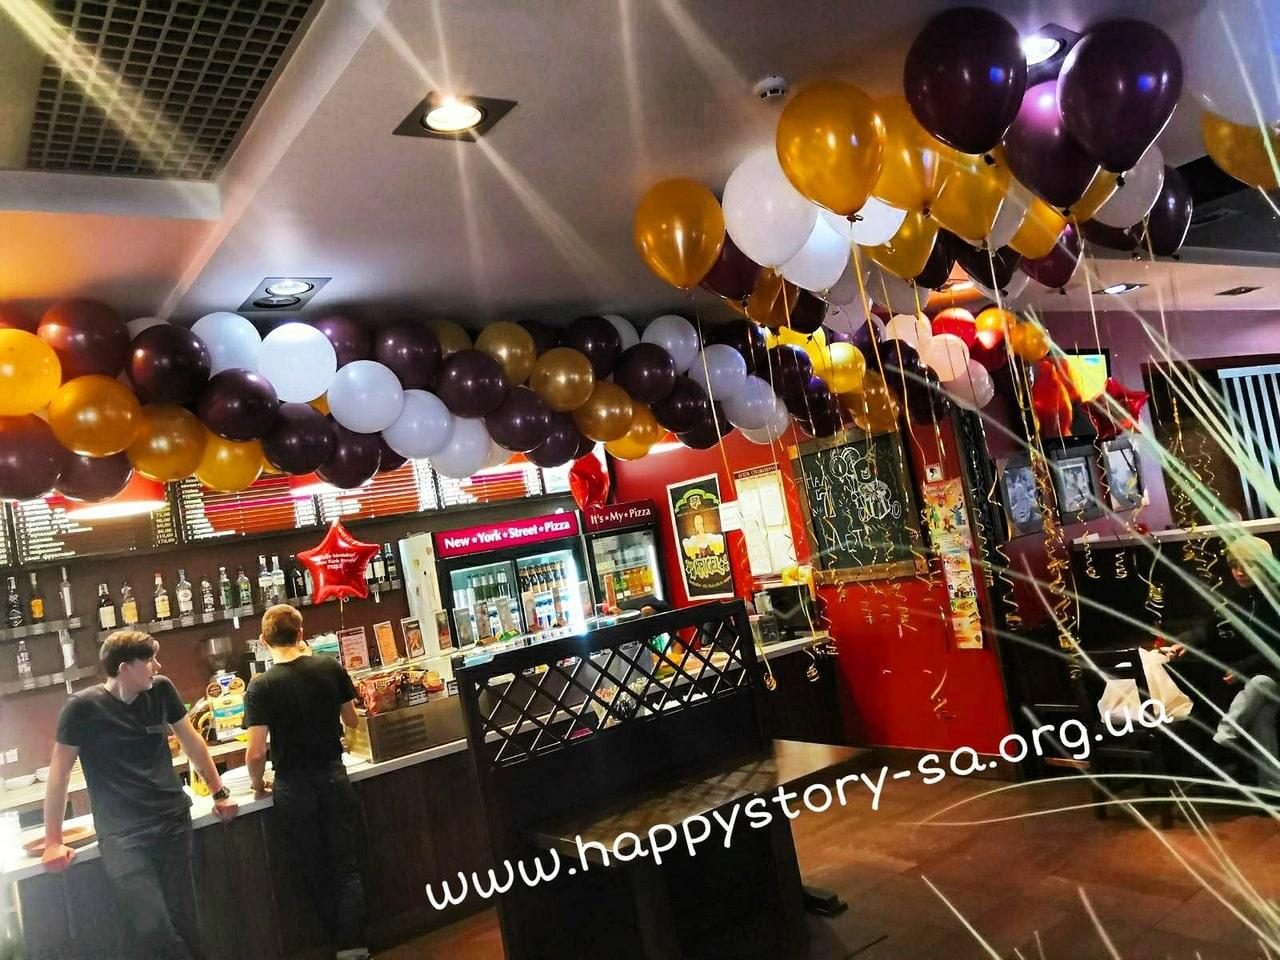 """Воздушные шары на праздник в """"New York Street Pizza"""". г. Макеевка"""